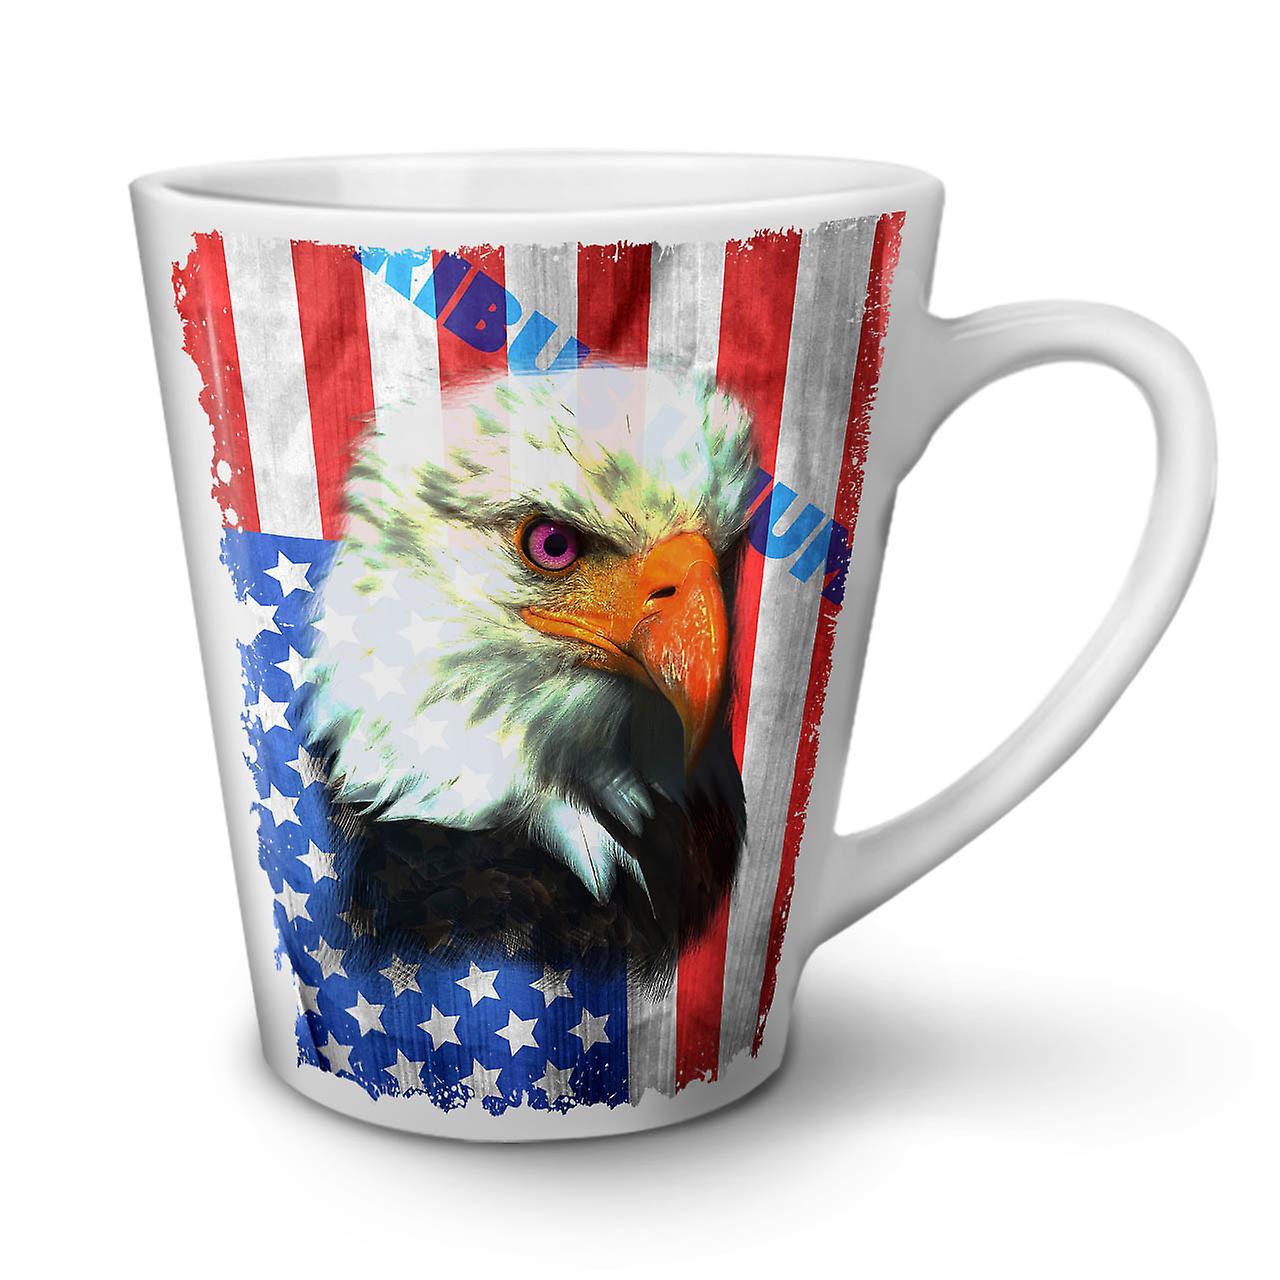 Drapeau De Liberté Thé Blanc Tasse 12 OzWellcoda Aigle Latte La Nouveau Café Céramique En Usa Rj534qAL